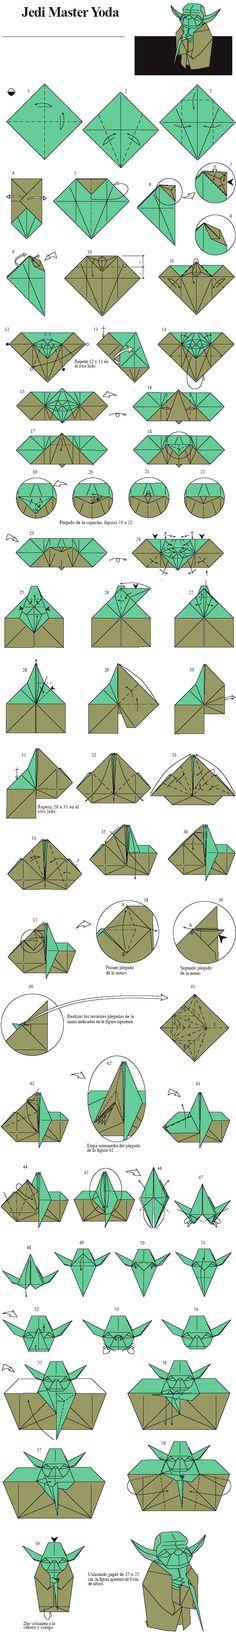 Origami Jedi Master Yoda // Designed by Fumiaki Kawahata // Star Wars Star Wars Origami, Origami Yoda, Money Origami, Origami Paper Folding, Origami And Kirigami, Oragami, Origami Instructions, Origami Tutorial, Paper Models